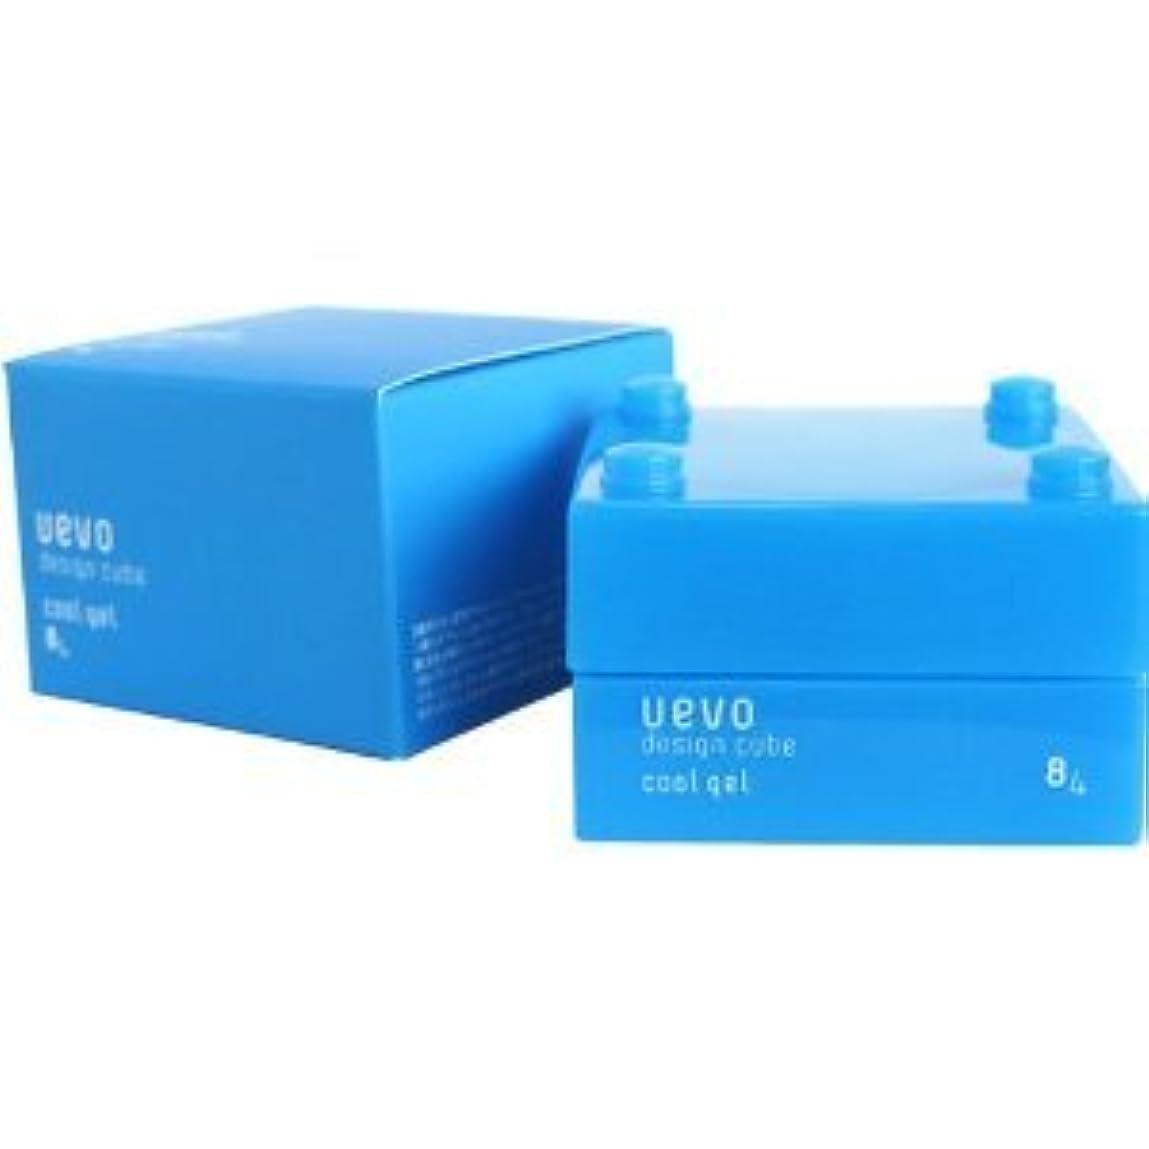 バルコニーストリーム債務者【X2個セット】 デミ ウェーボ デザインキューブ クールジェル 30g cool gel DEMI uevo design cube